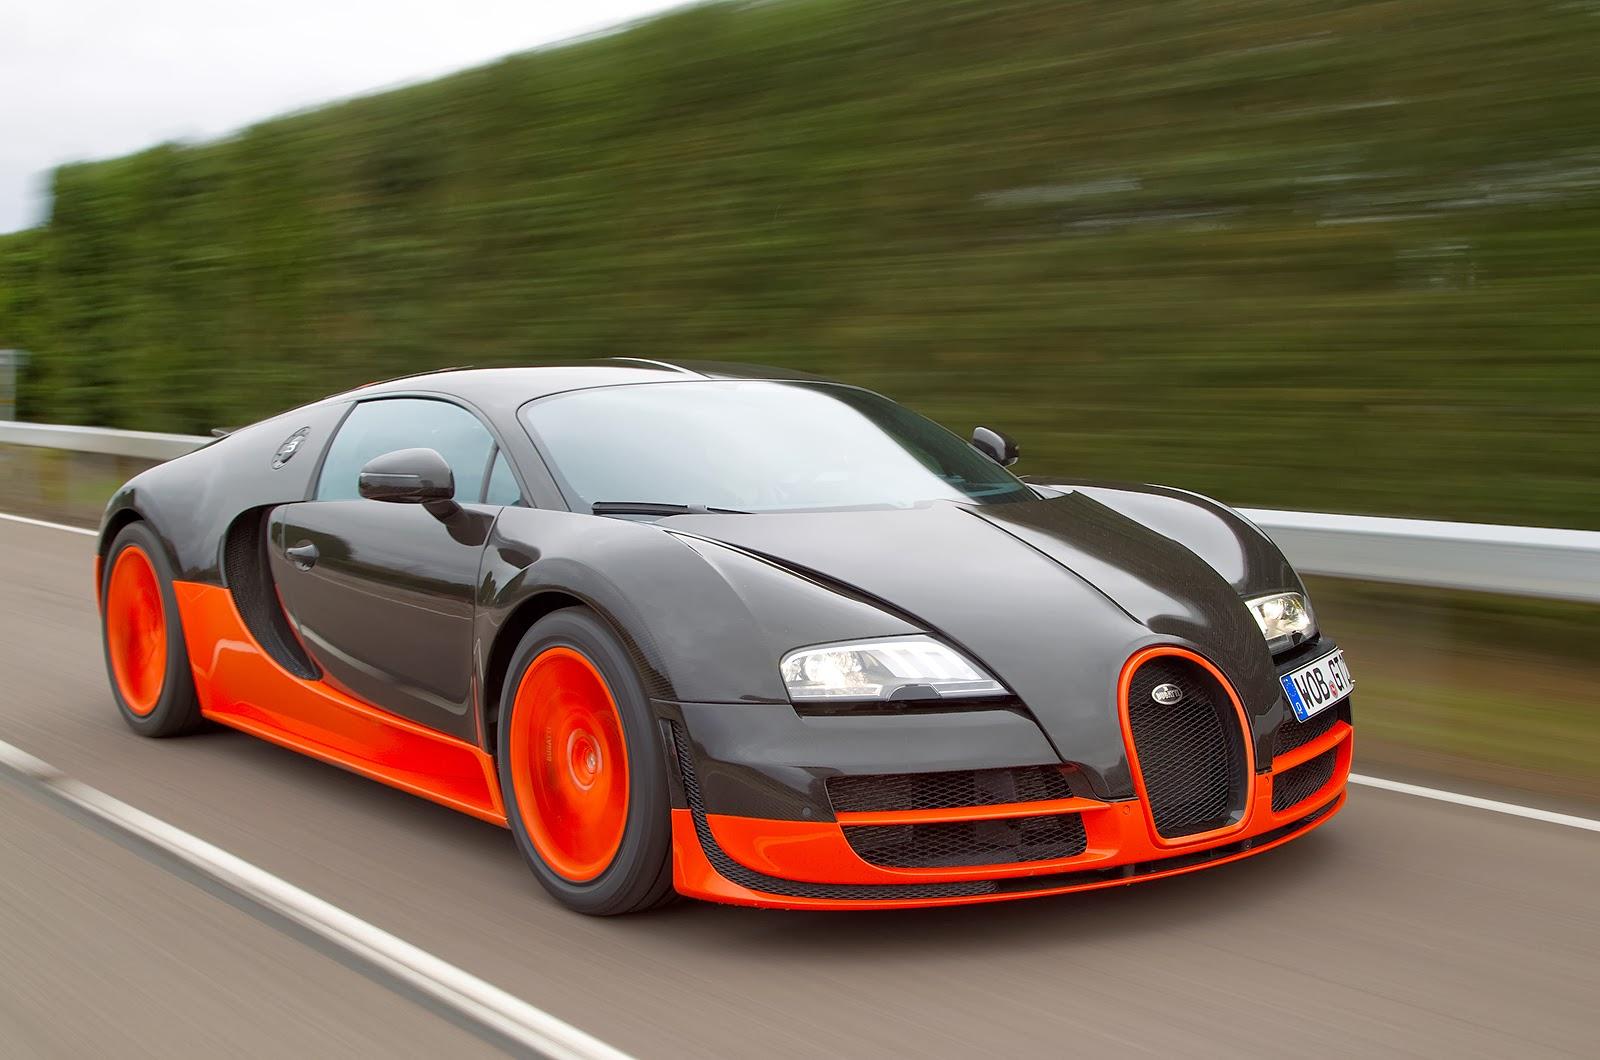 Bugatti Veyron Super Sport Wallpaper: Full Car Pictures: September 2013